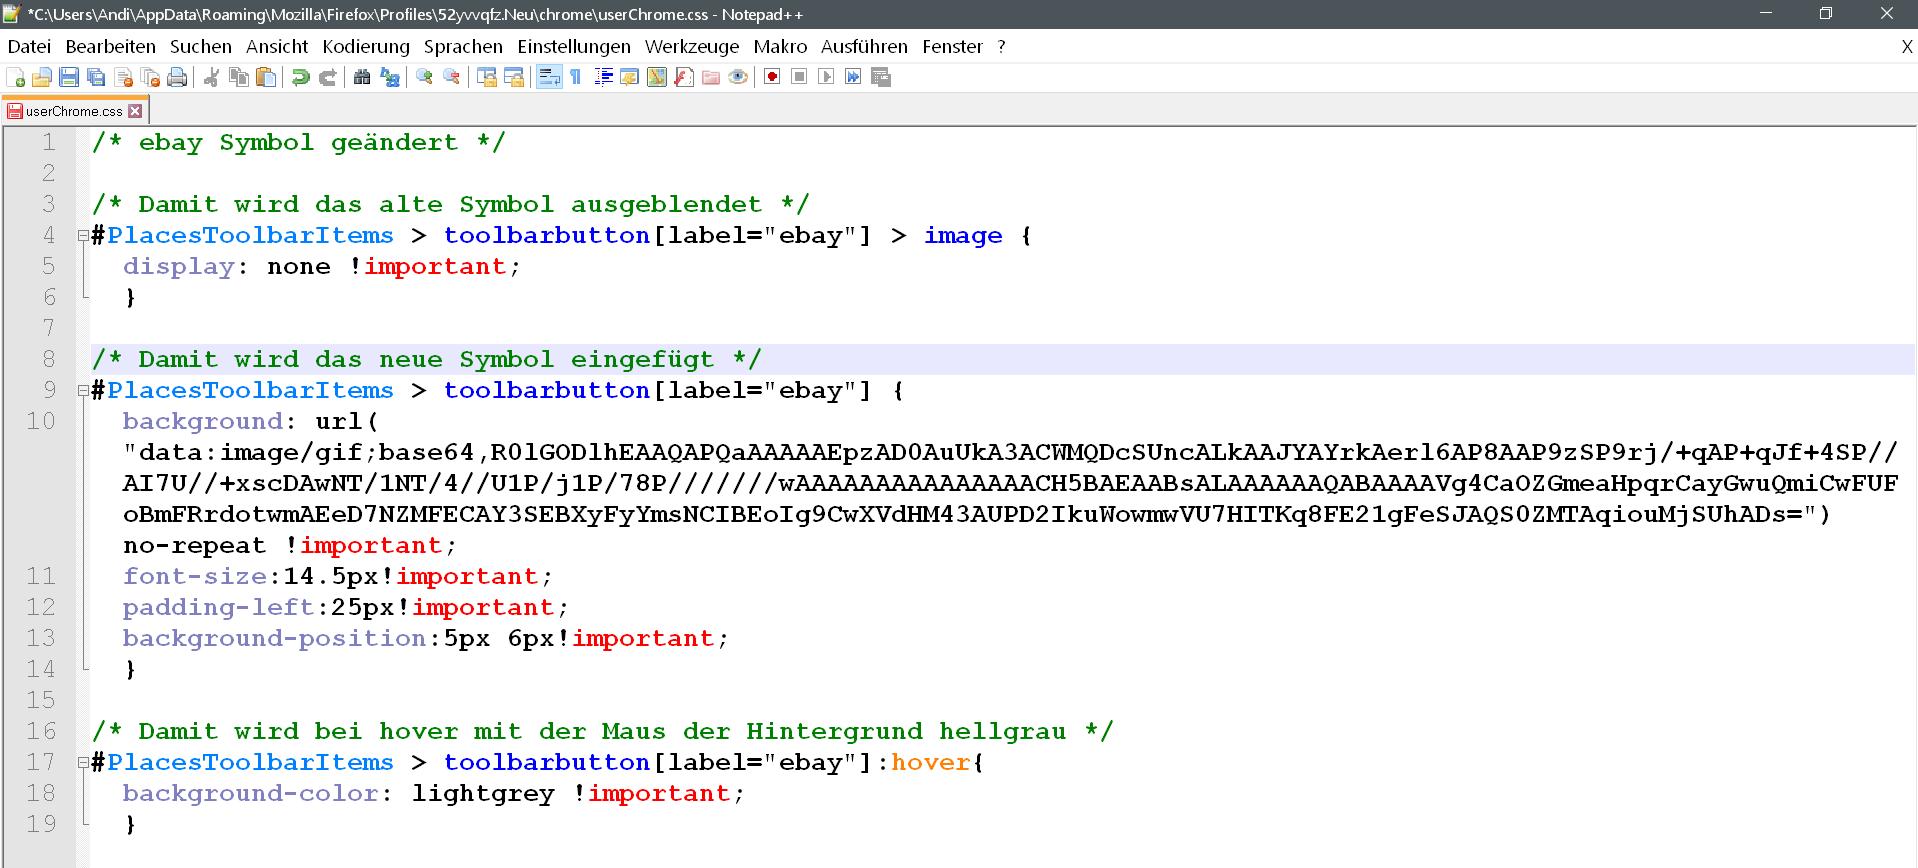 css mit text - Lesezeichensymbol ändern in der Lesezeichensymbolleiste im Firefox